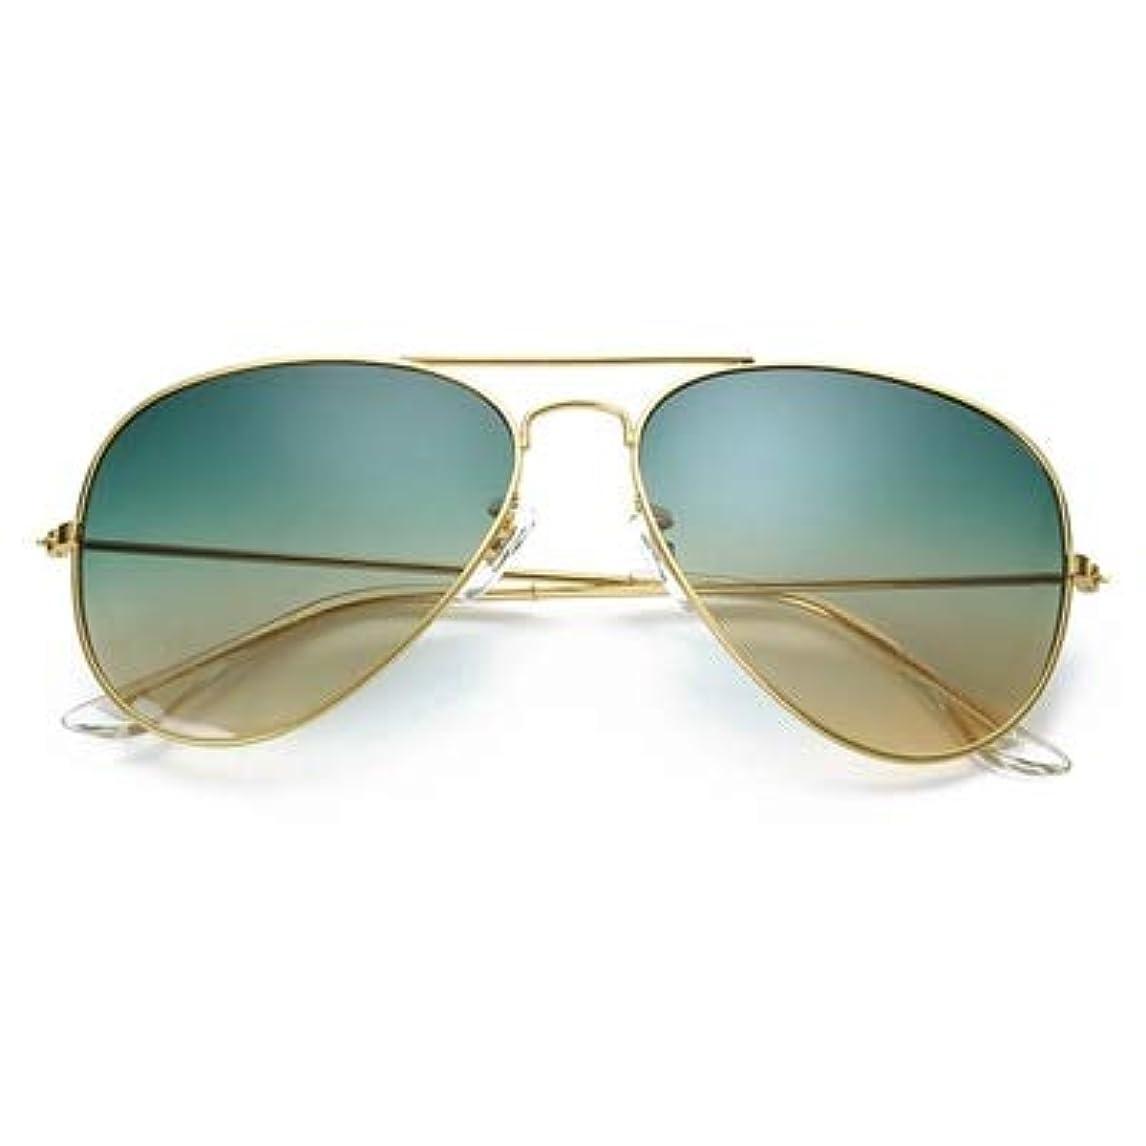 不健全元気固有のRalias - ブランド航空メガネ合金ゴールドフレームメガネクラシックオプティクス眼鏡透明クリアレンズ女性眼鏡メガネをクリア